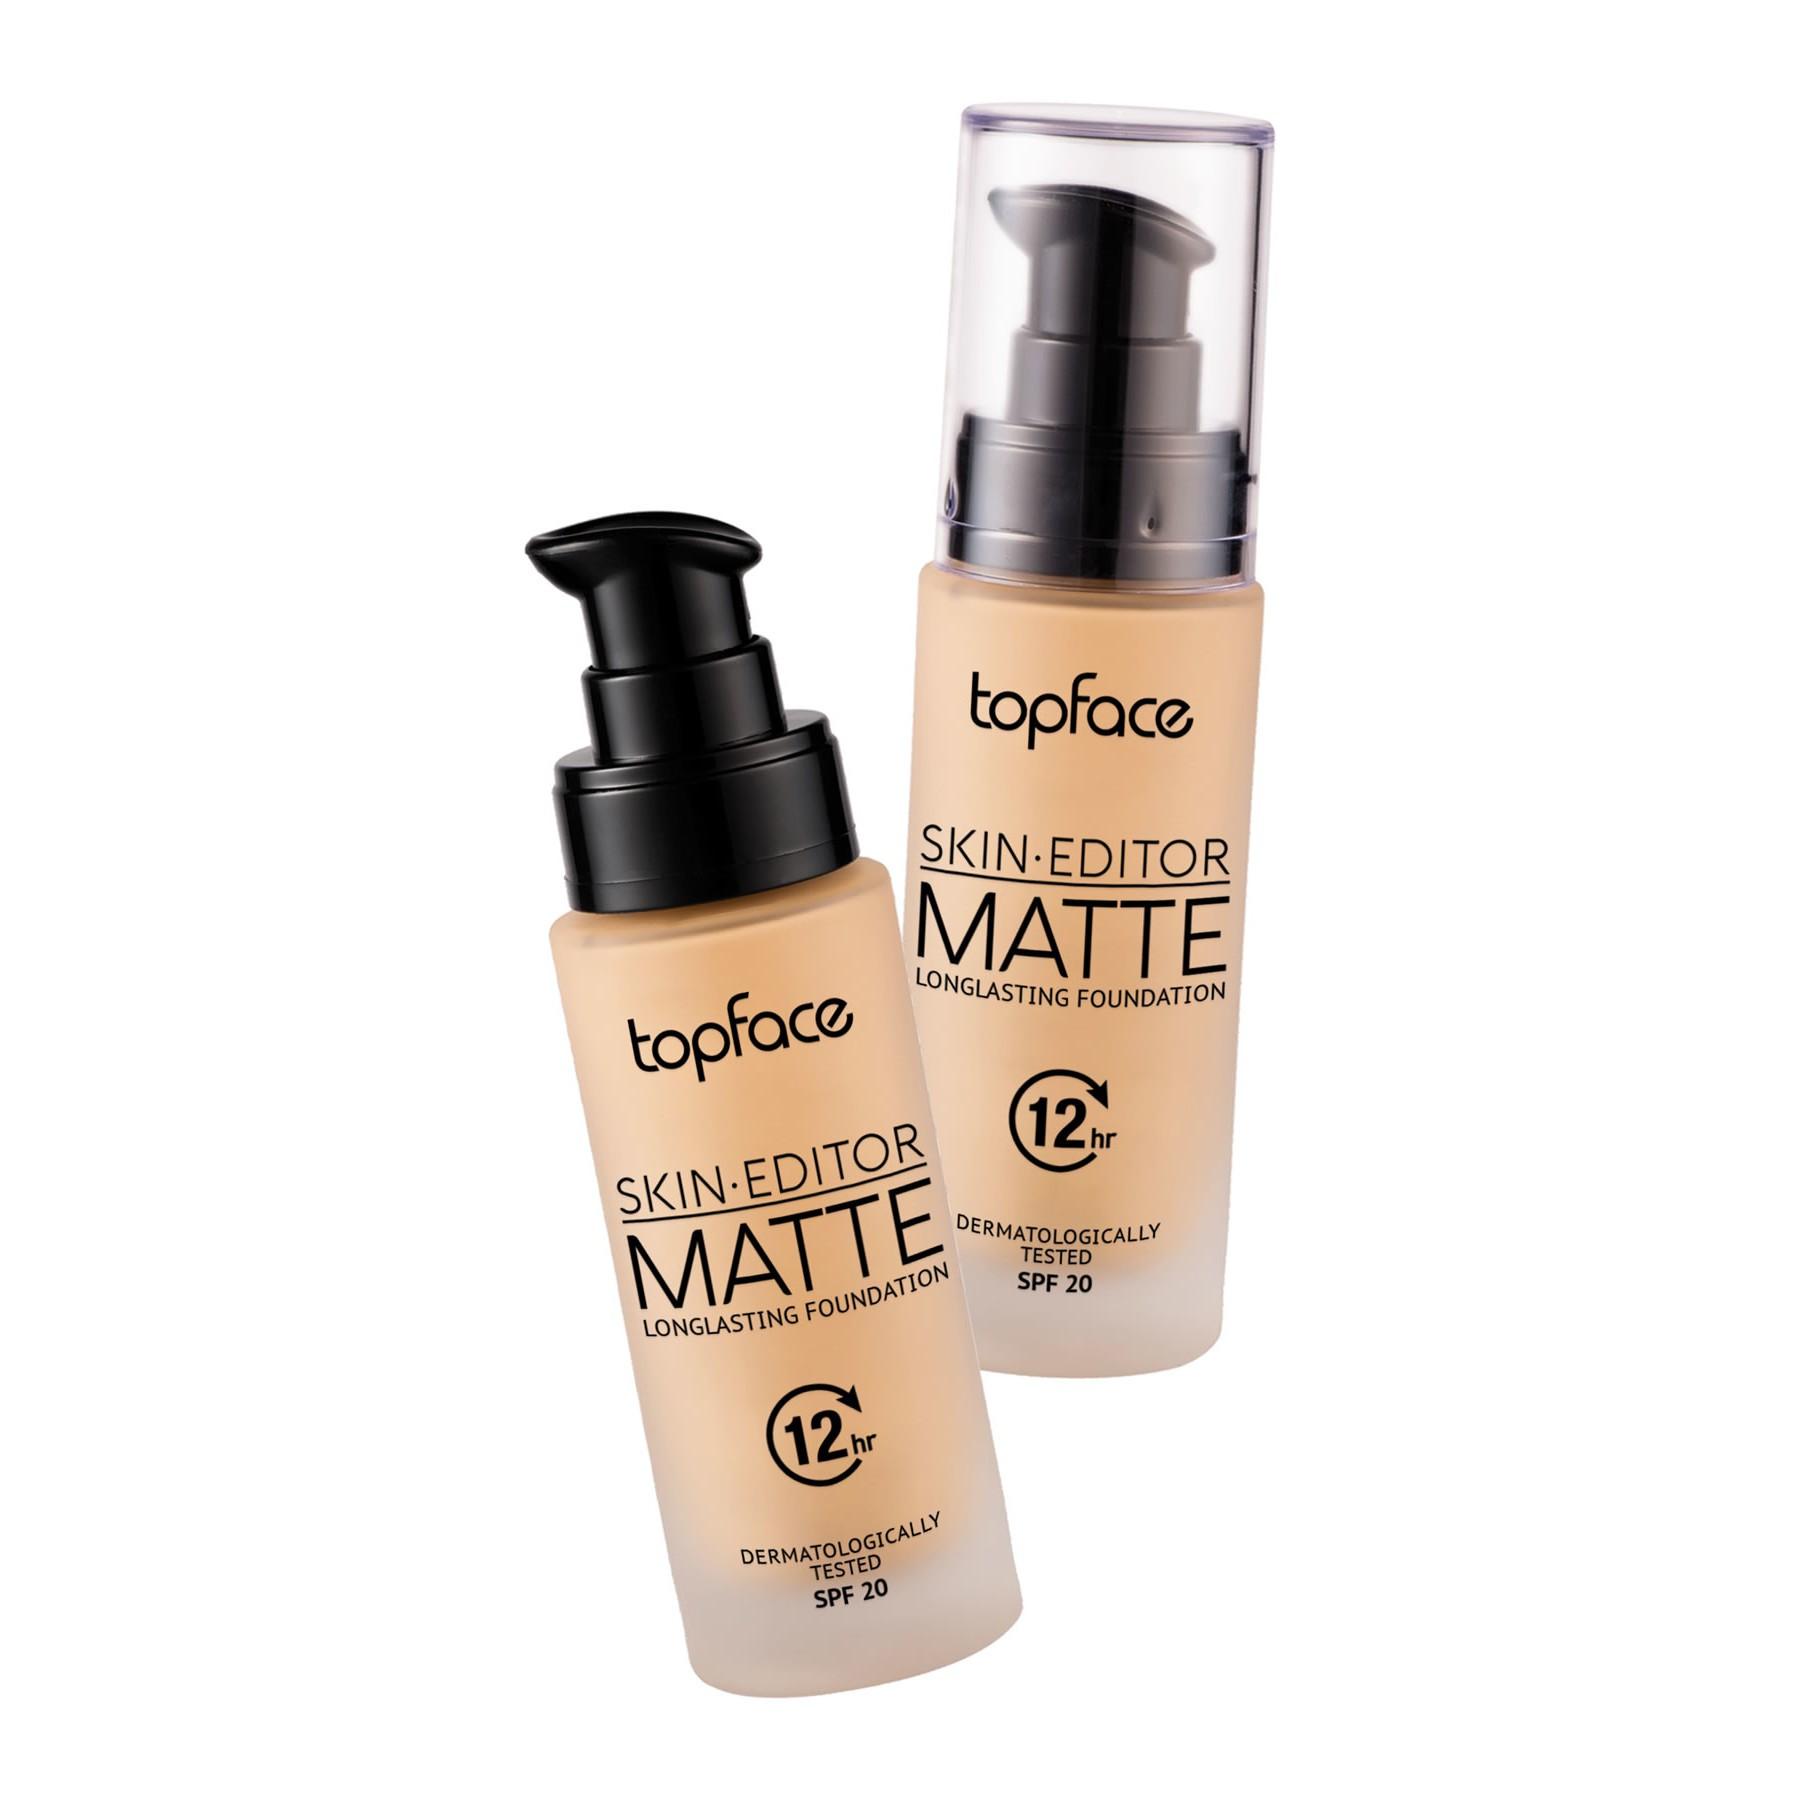 کرم پودر شیشه ای اسکین ادیتور مات ماندگار تاپ فیس - Topface Skin Editor Matte Longlasting Foundation